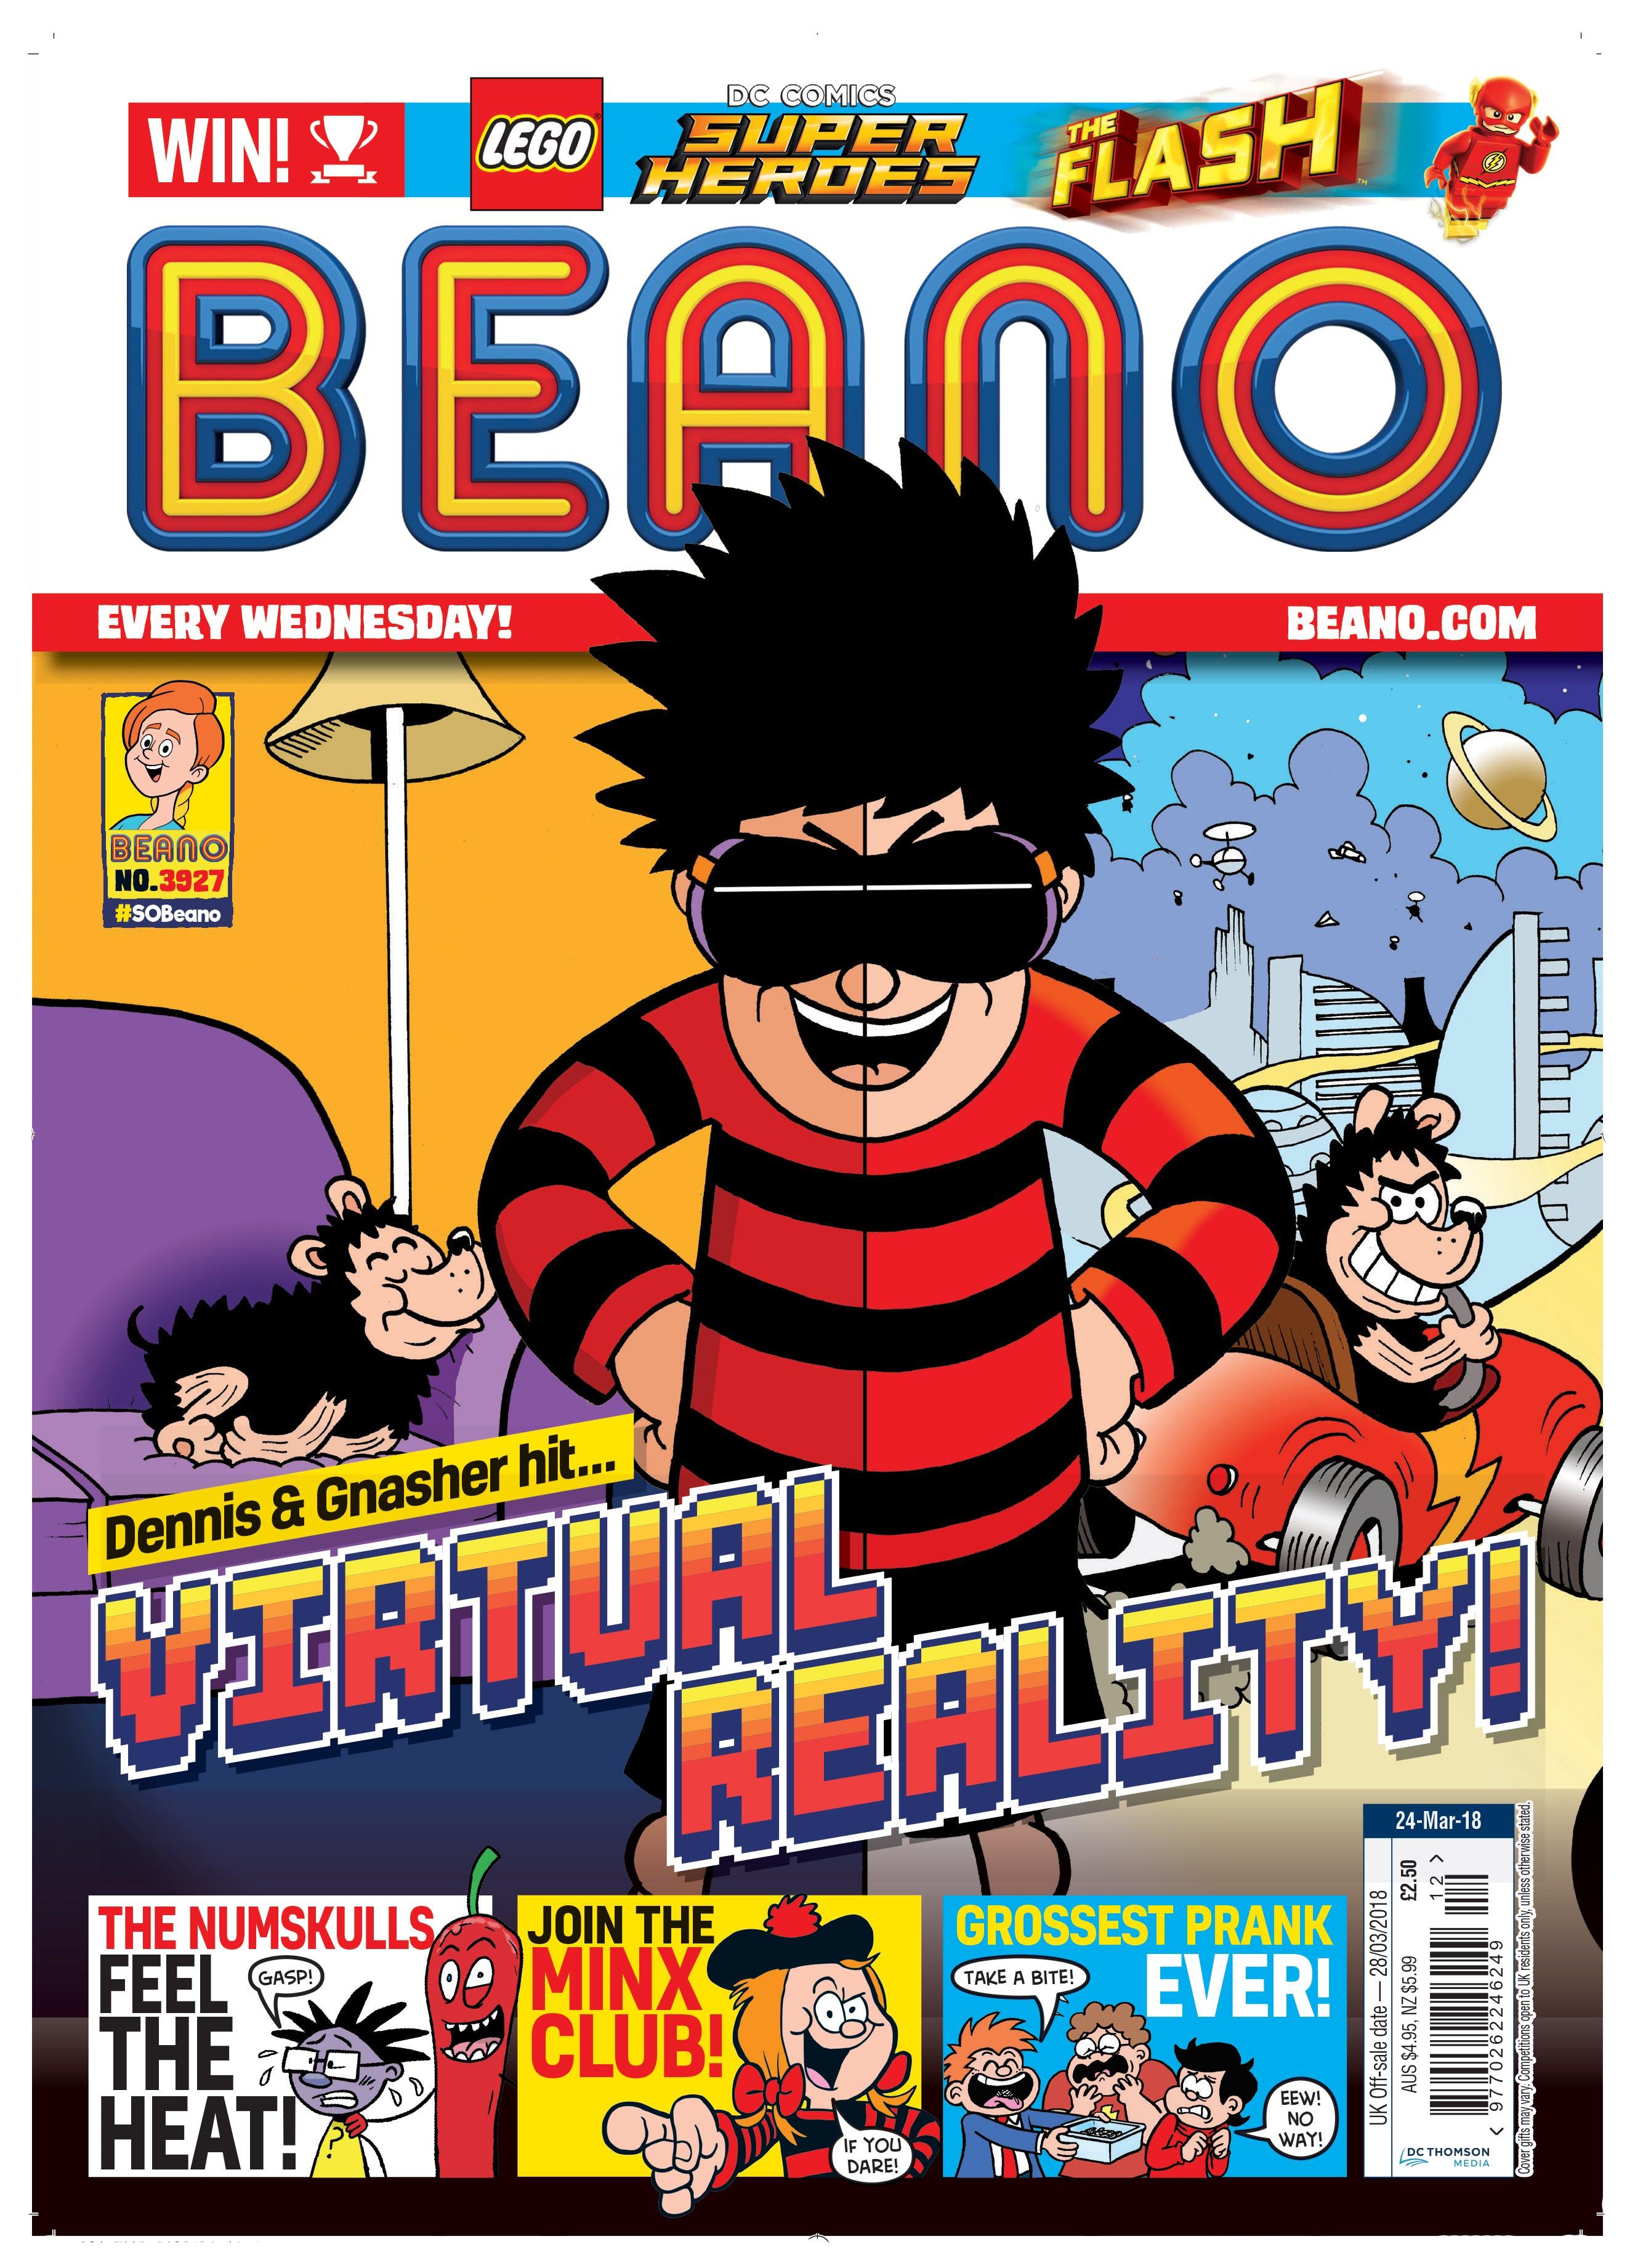 Check out Beano no. 3927